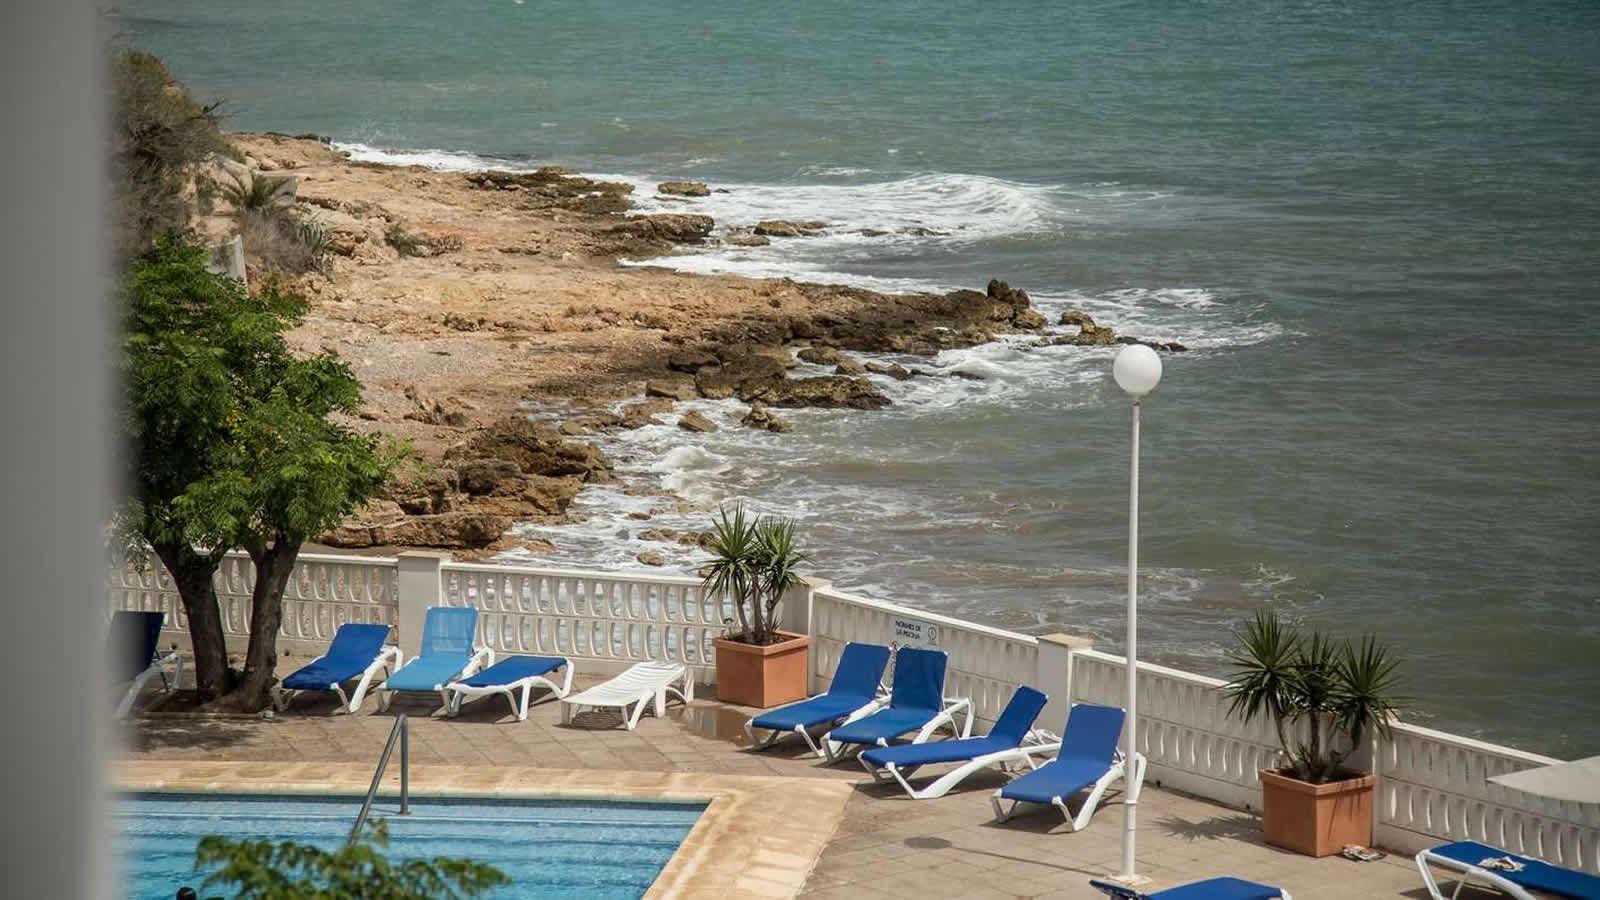 Carlos III Hotel in Alcanar - San Carlos de la Rapita -the Ebro Delta